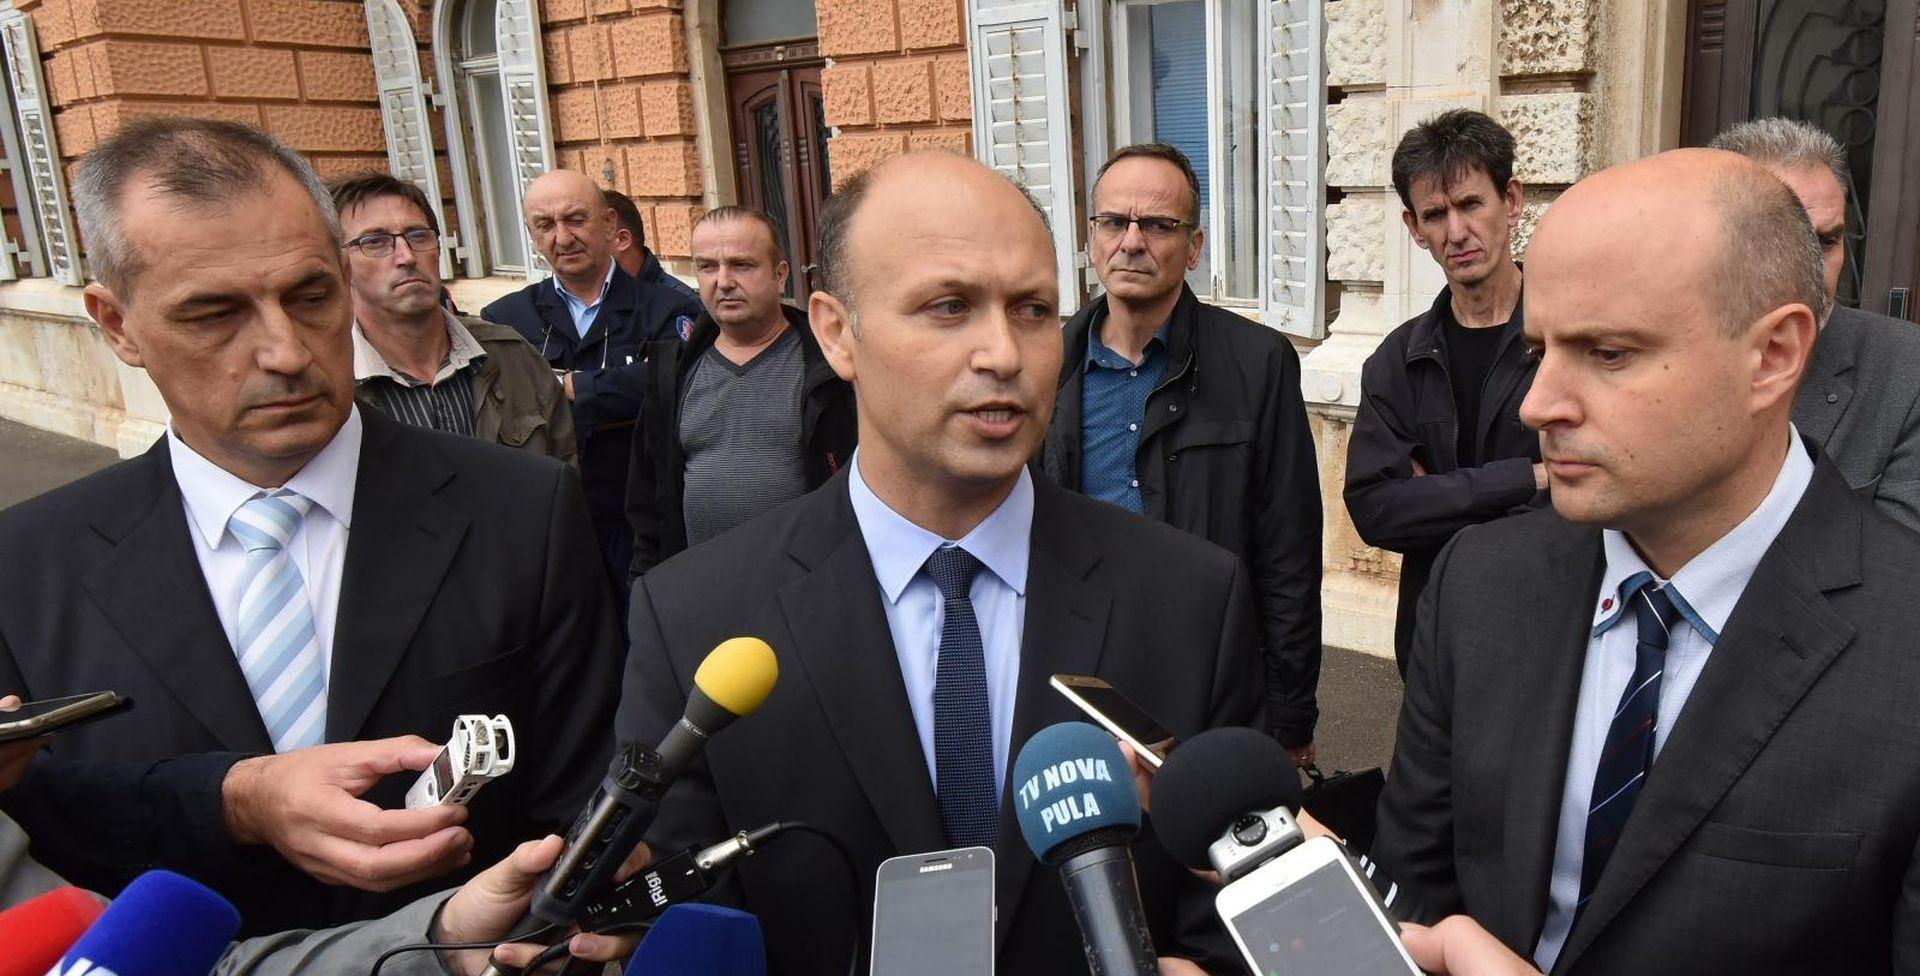 Nova uprava Uljanika Horvatu donosi plan restrukturiranja